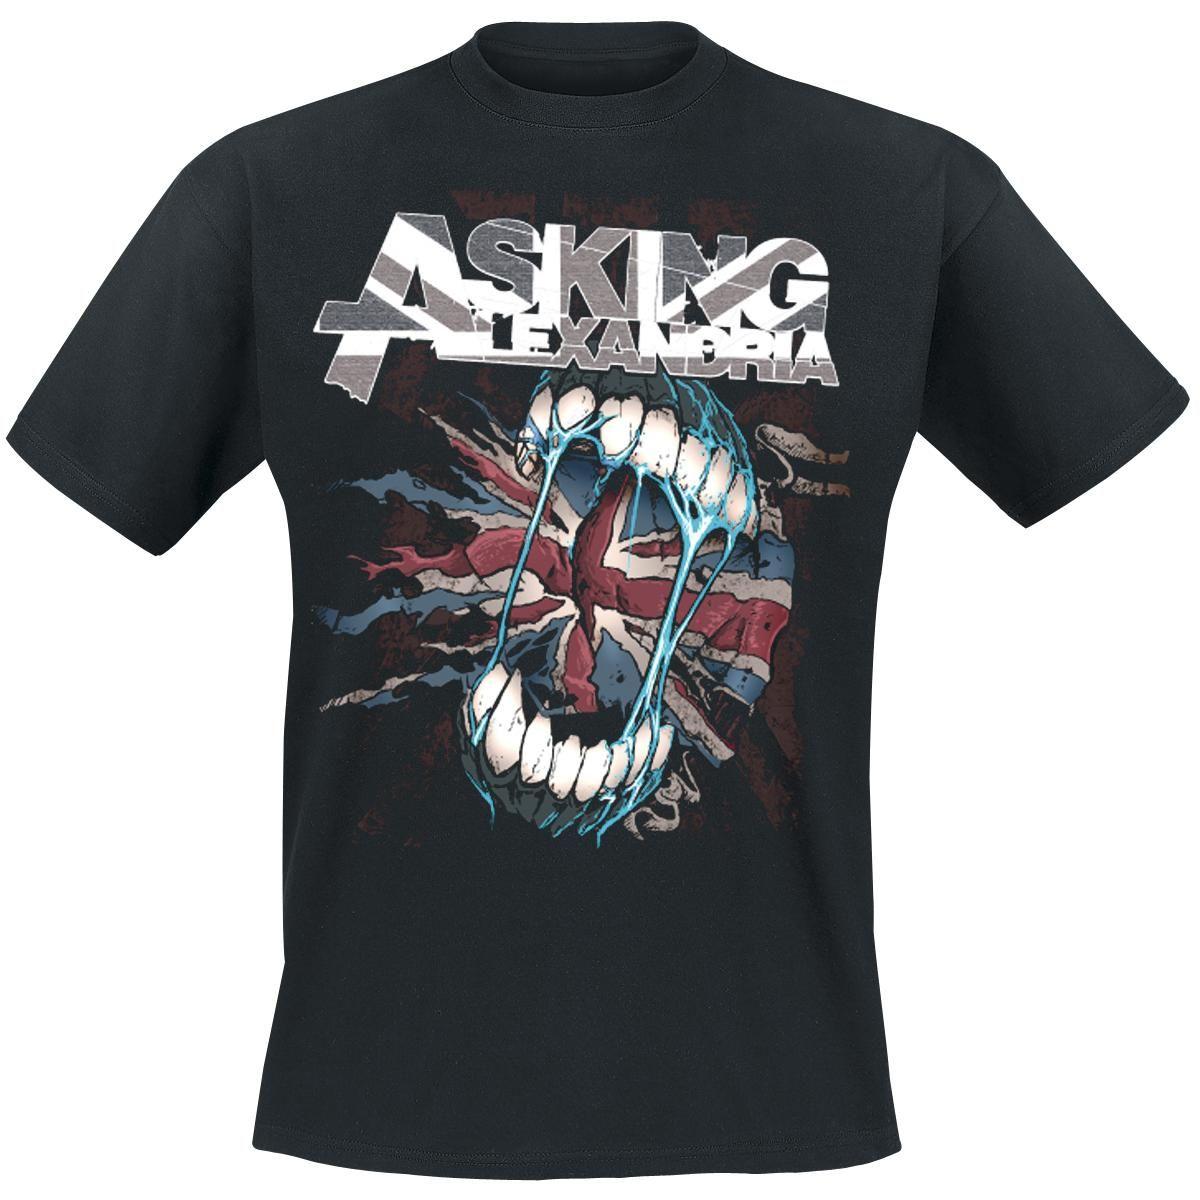 Asking Alexandria T-Shirt Flag Eater